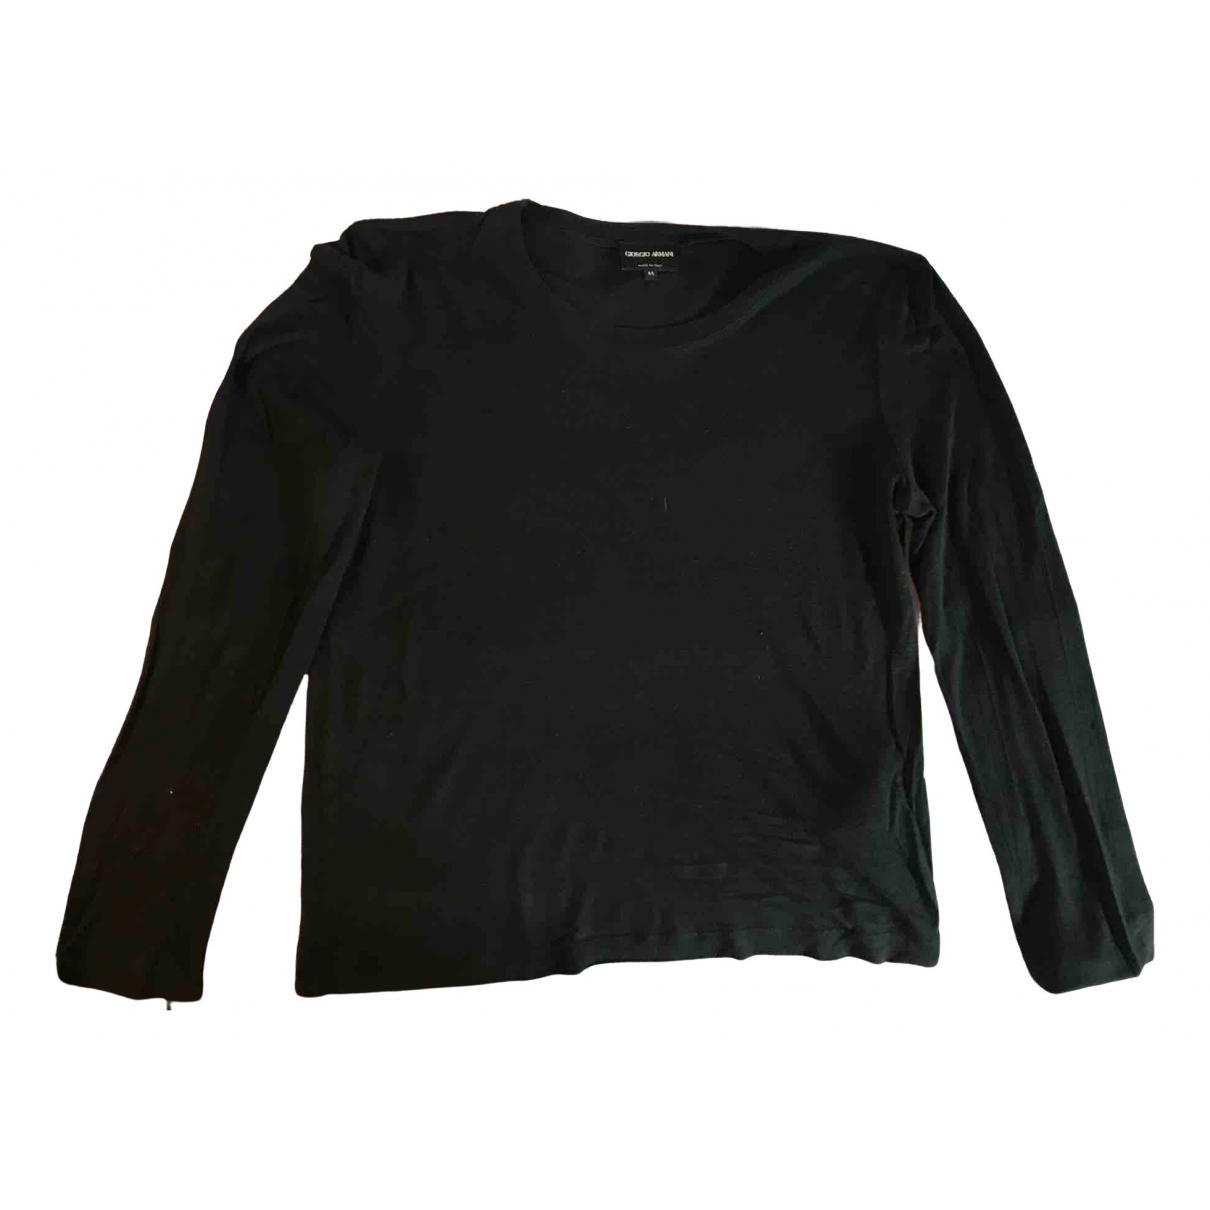 Giorgio Armani - Top   pour femme en coton - noir